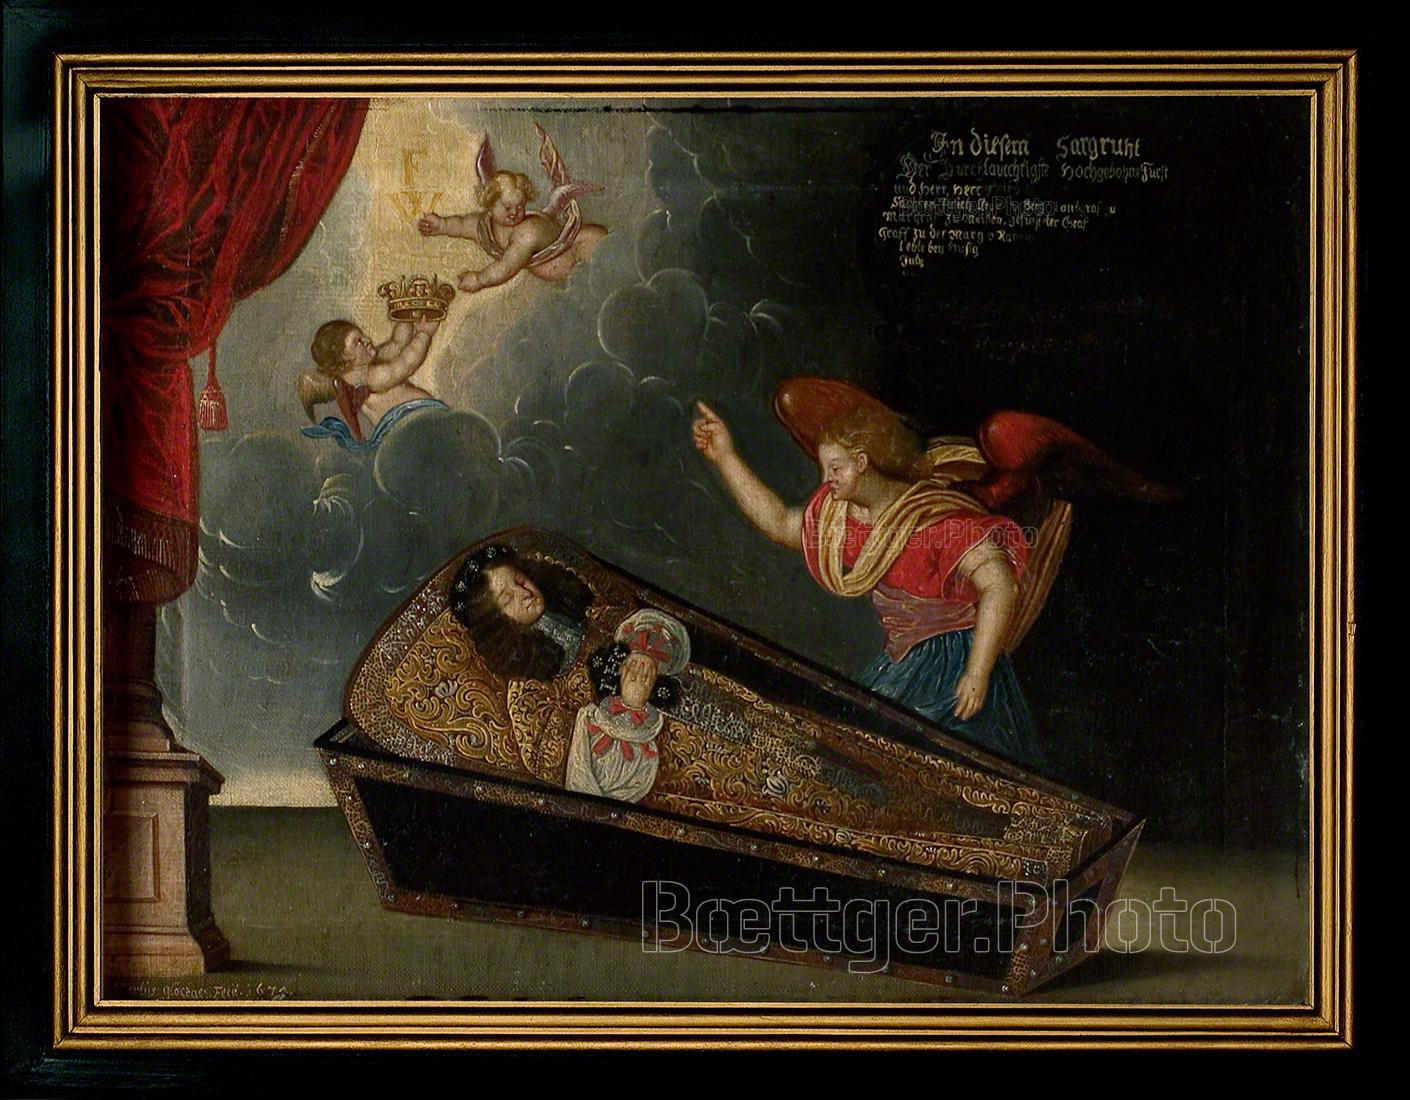 Totenbild Herzog Friedrich Wihelm II von Sachsen-Altenburg